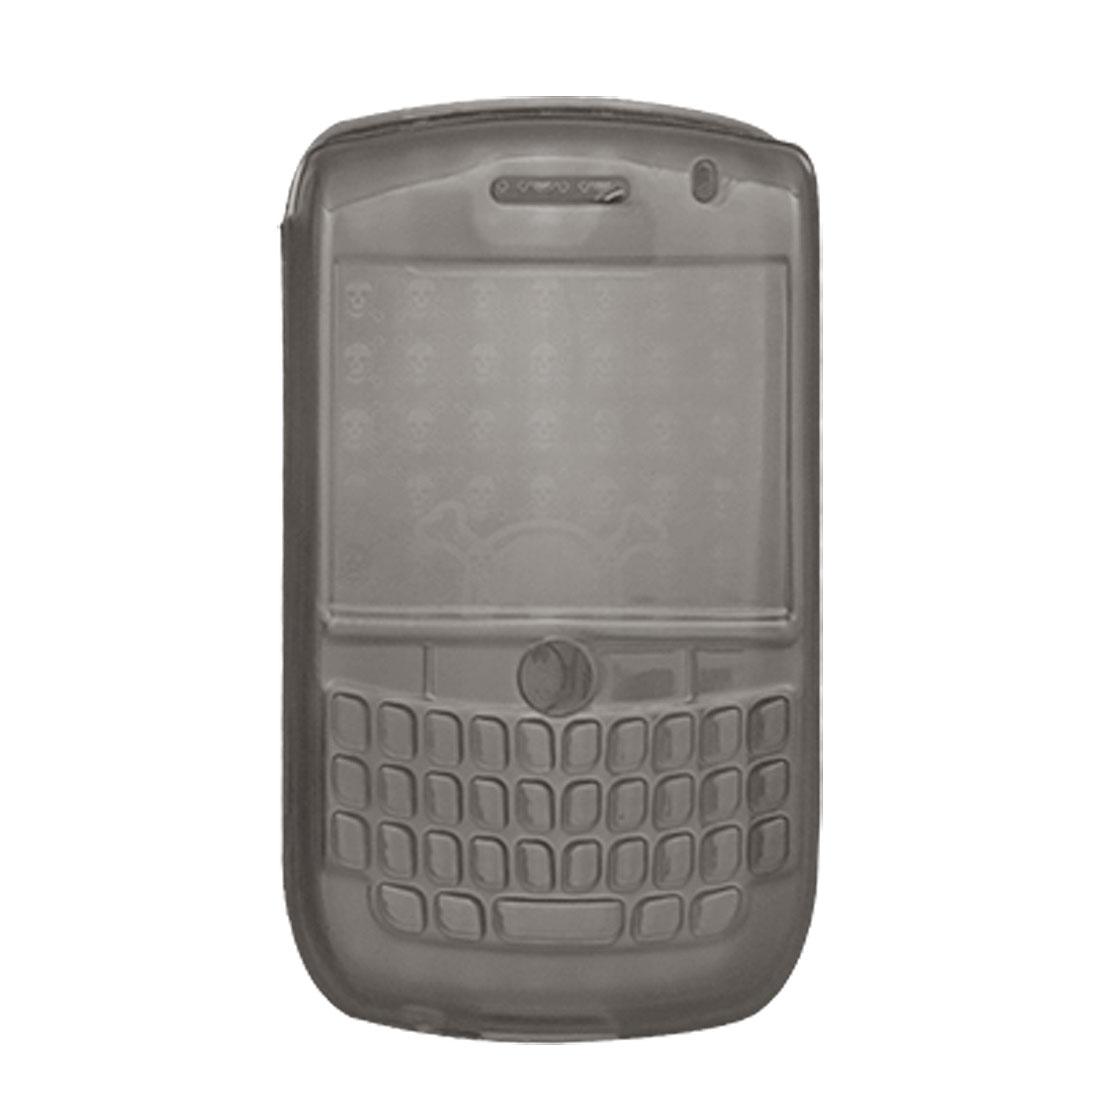 Gray Soft Plastic Case Cover Shell for Blackberry 8900